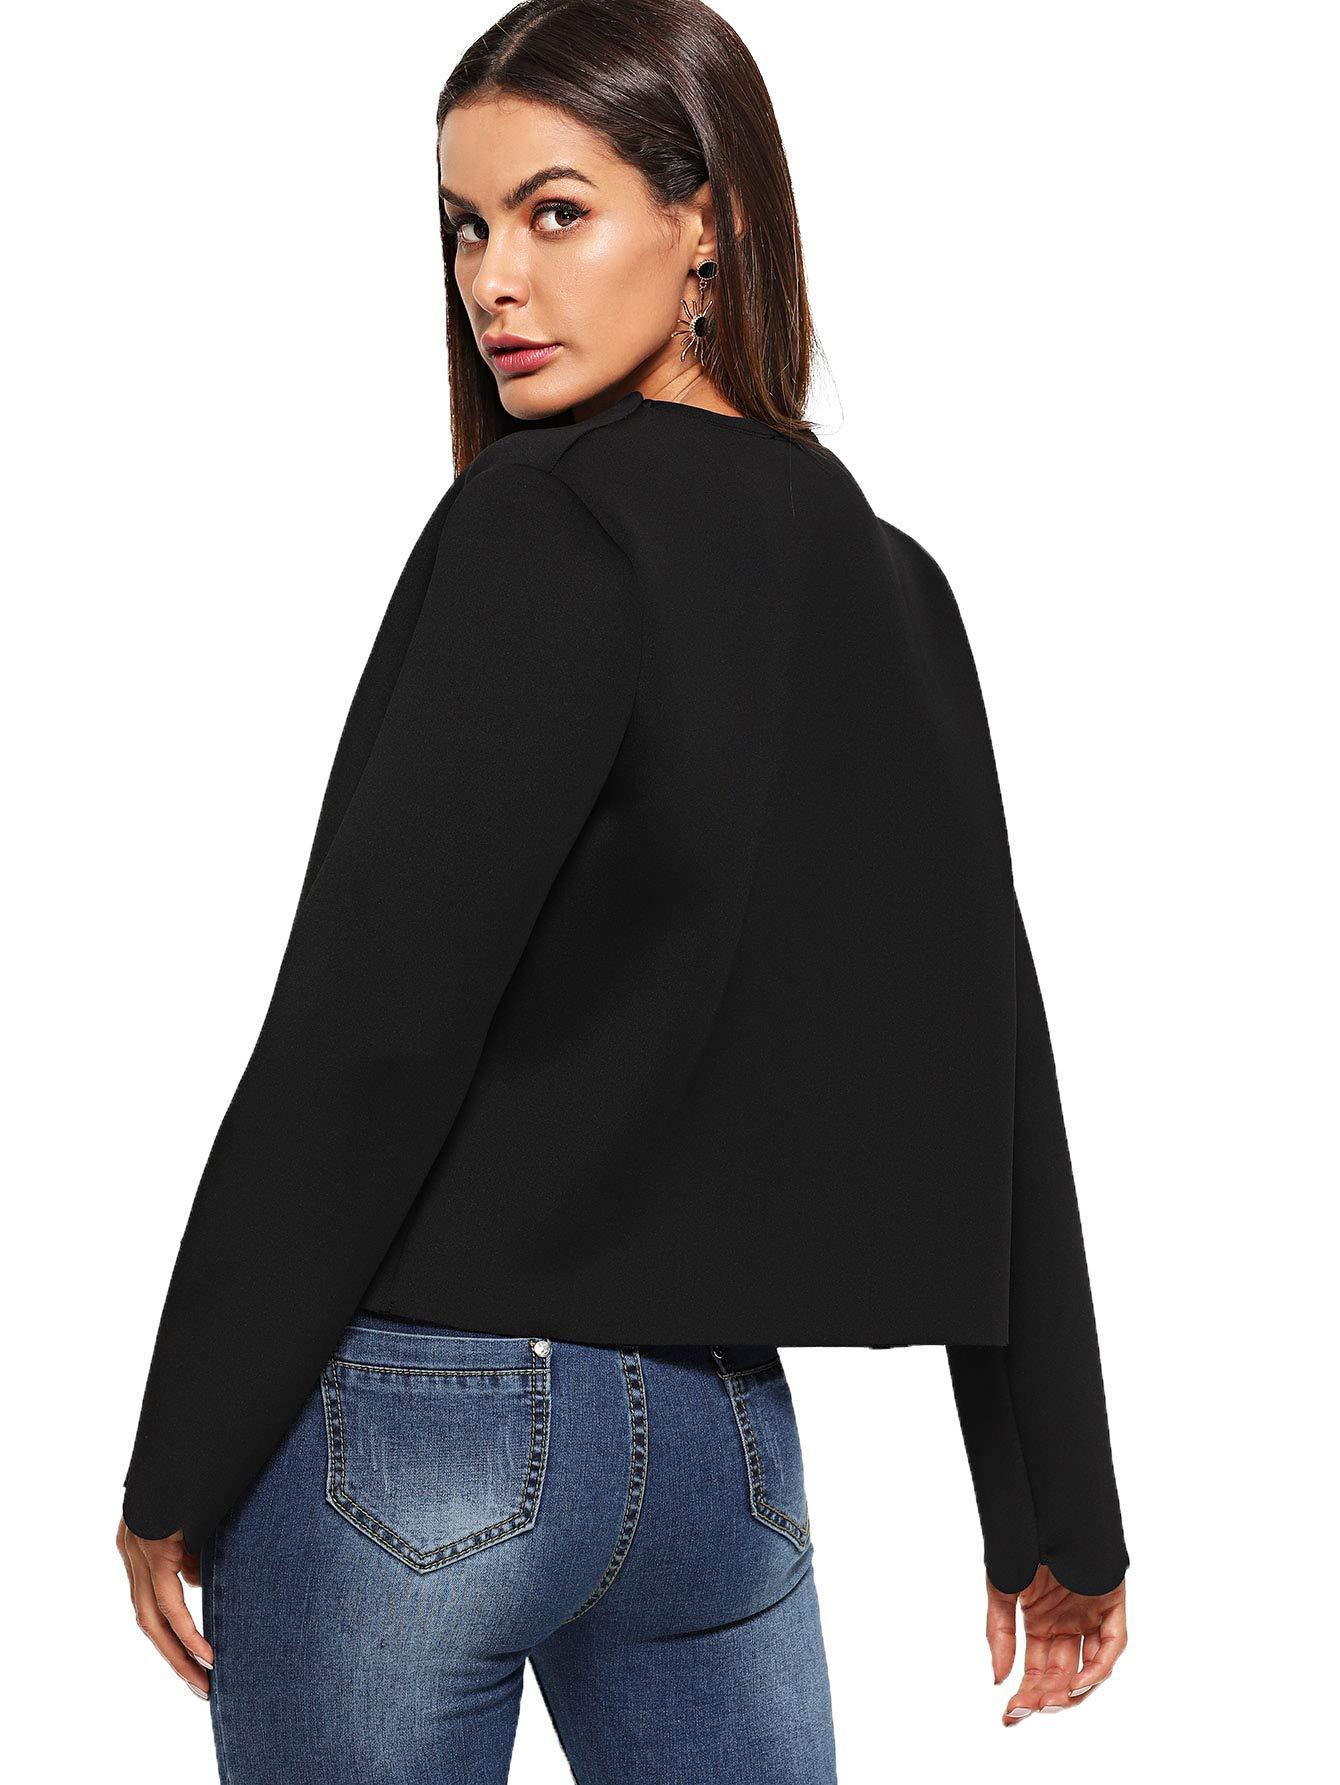 Romwe Women's Scallop Hem Casual Work Office Open Blazer Jacket Black Large by Romwe (Image #2)